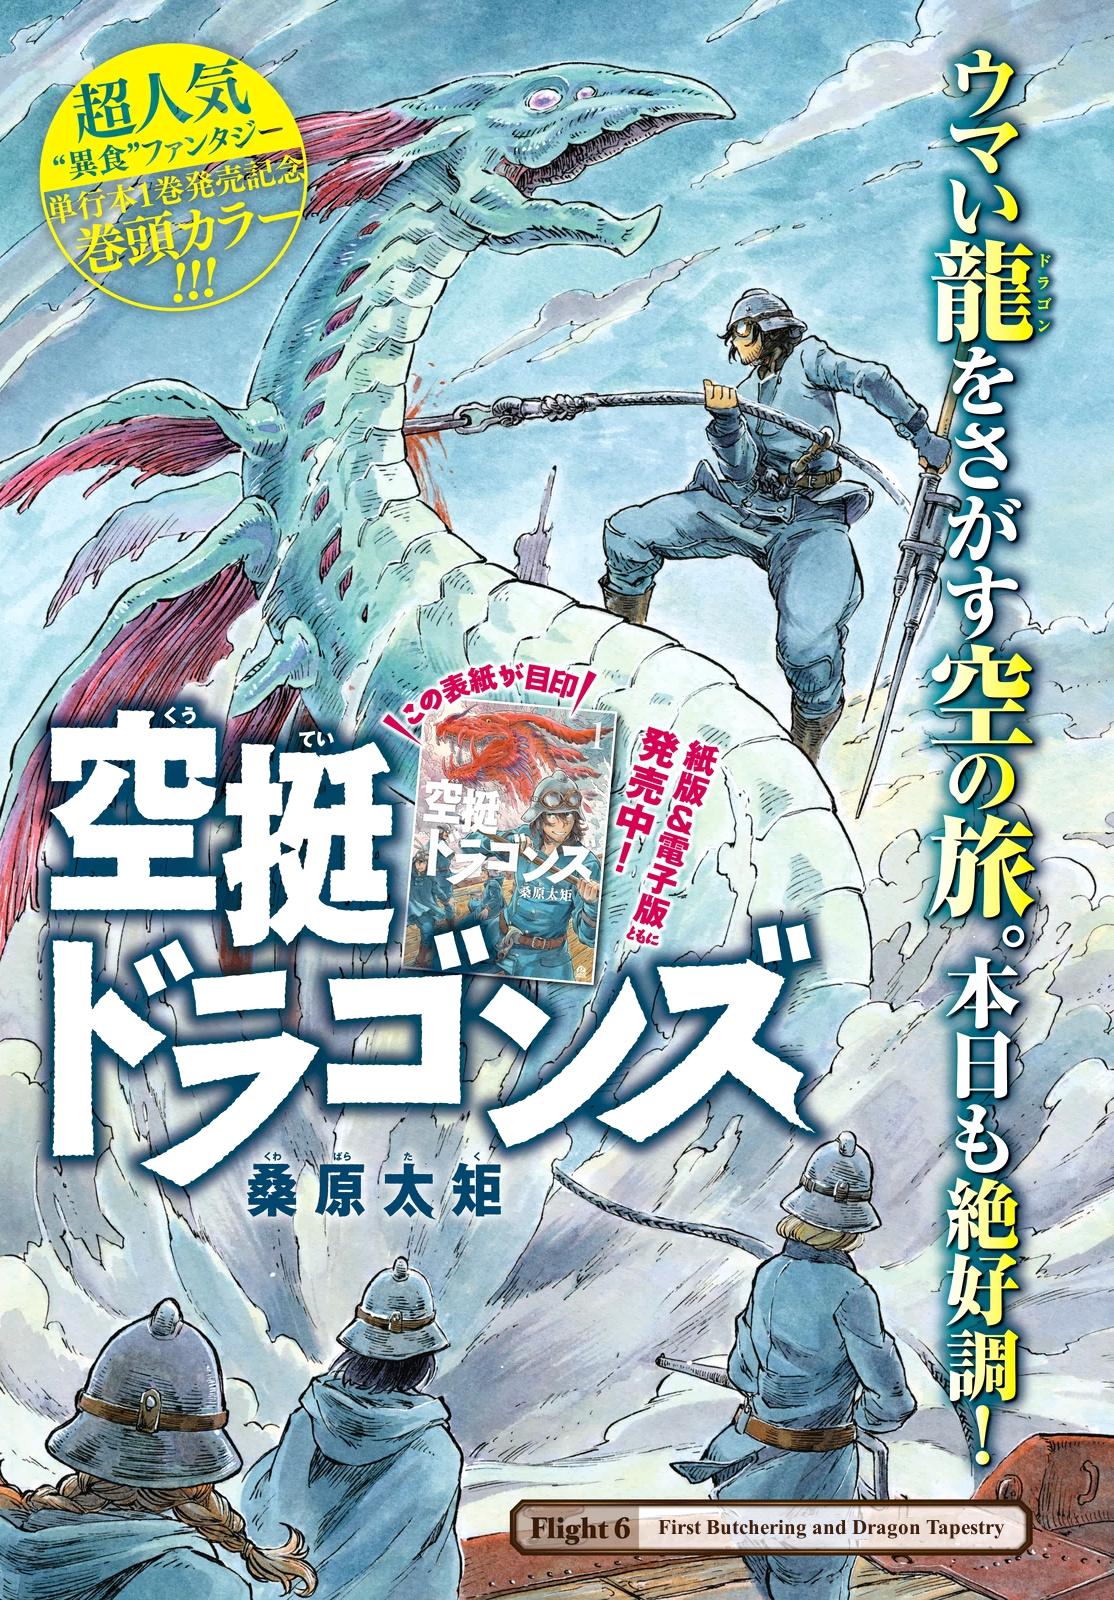 Xem Anime Thợ Săn Rồng -Kuutei Dragons -  VietSub